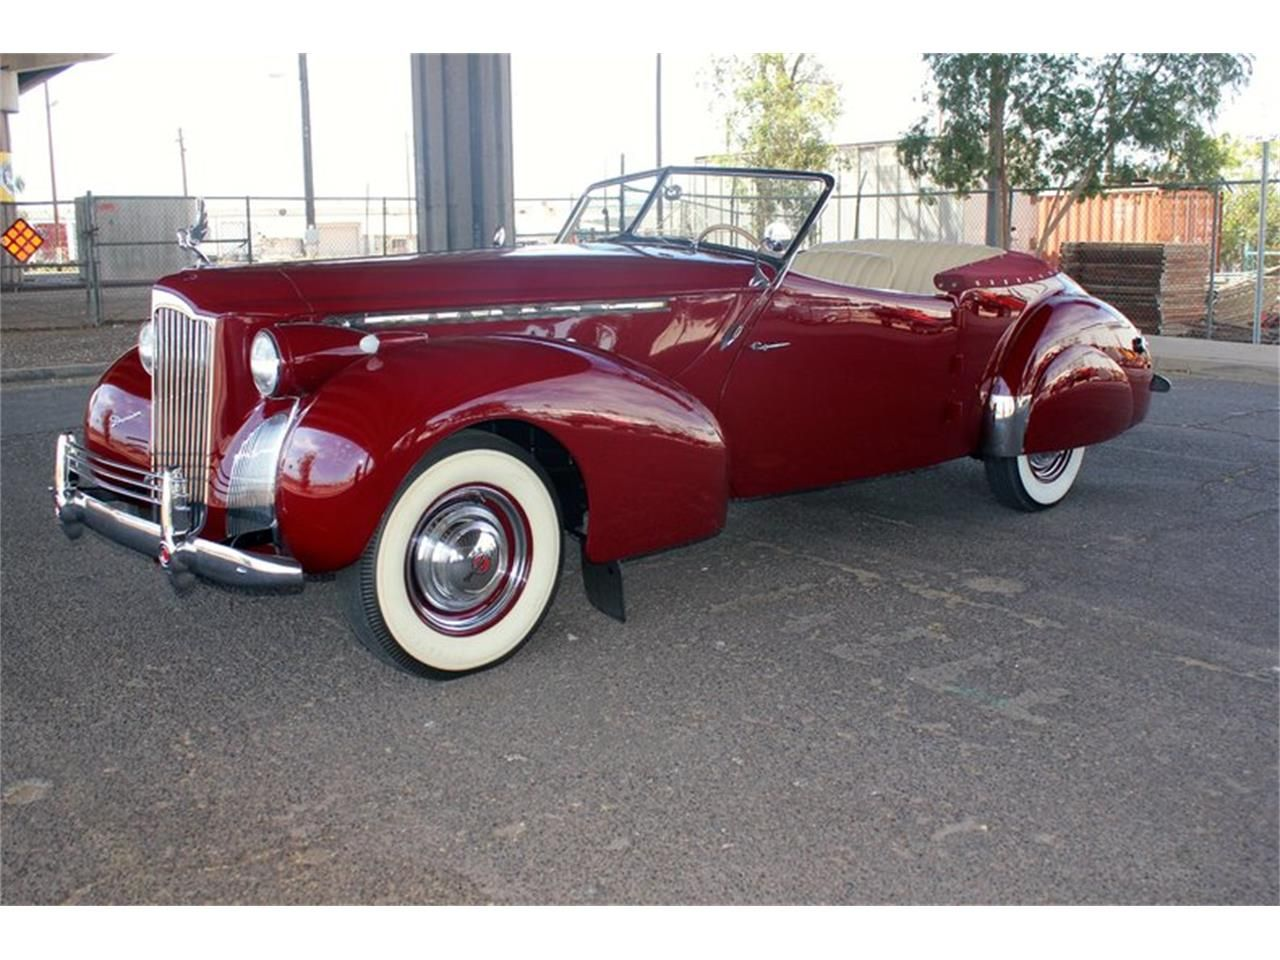 1940 Packard 120 Darrin | Packard: 1938 - 1940 | Pinterest | Cars ...